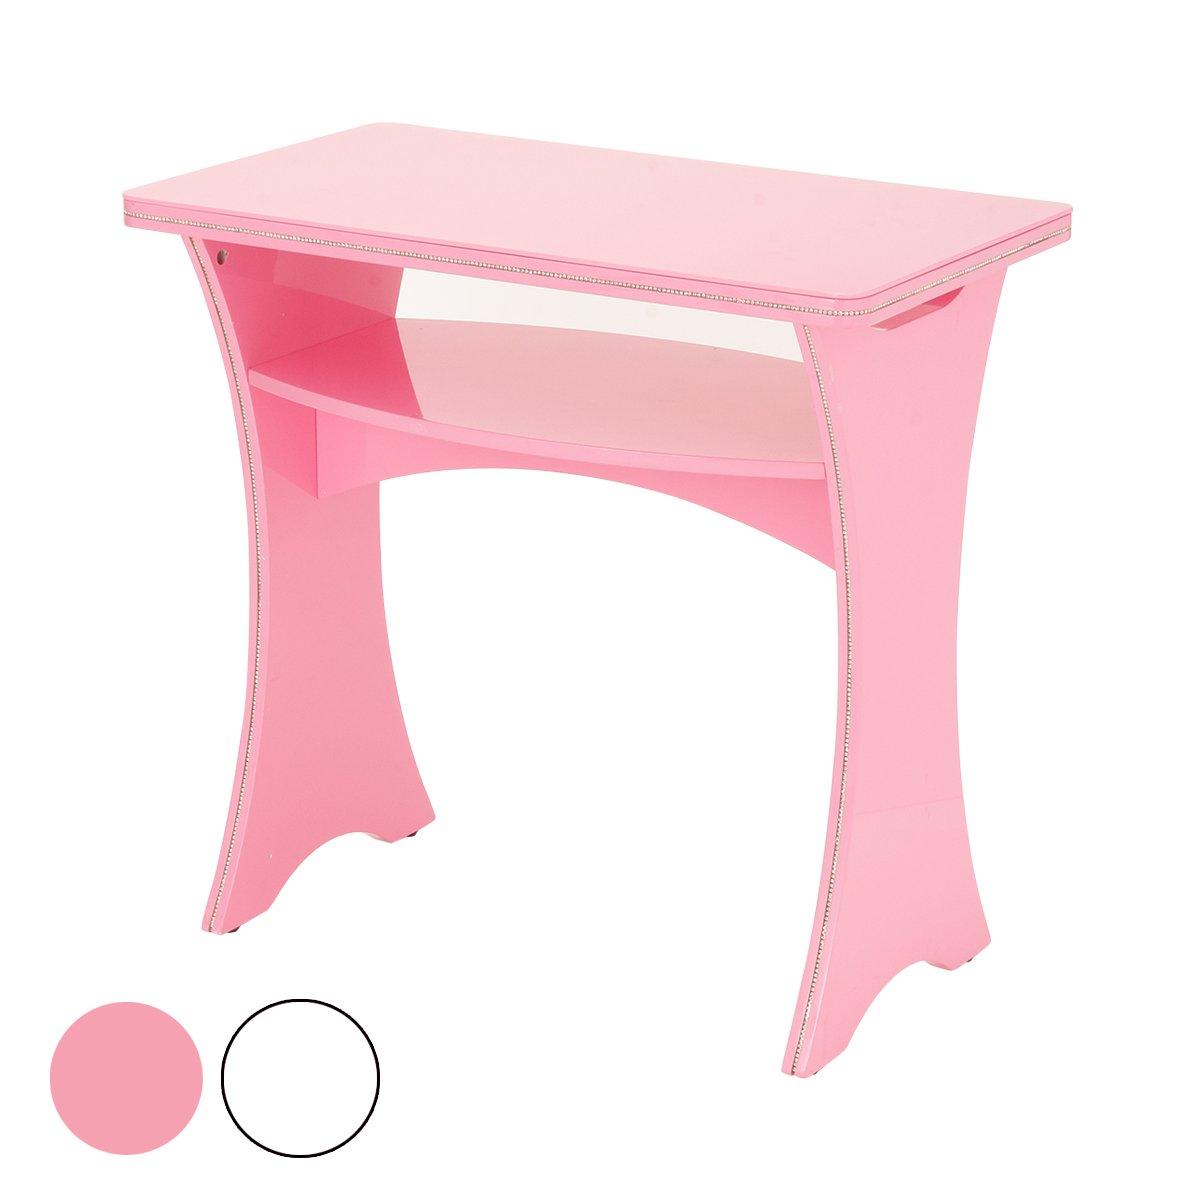 ストーン付 ガラステーブル 全2色 ピンク [ ネイルテーブル ネイルデスク スリムデスク パソコンデスク PCデスク 平机 作業台 ネイル デスク テーブル 机 ネイルサロン ジェルネイル セルフネイル ] B0754LK1YKピンク